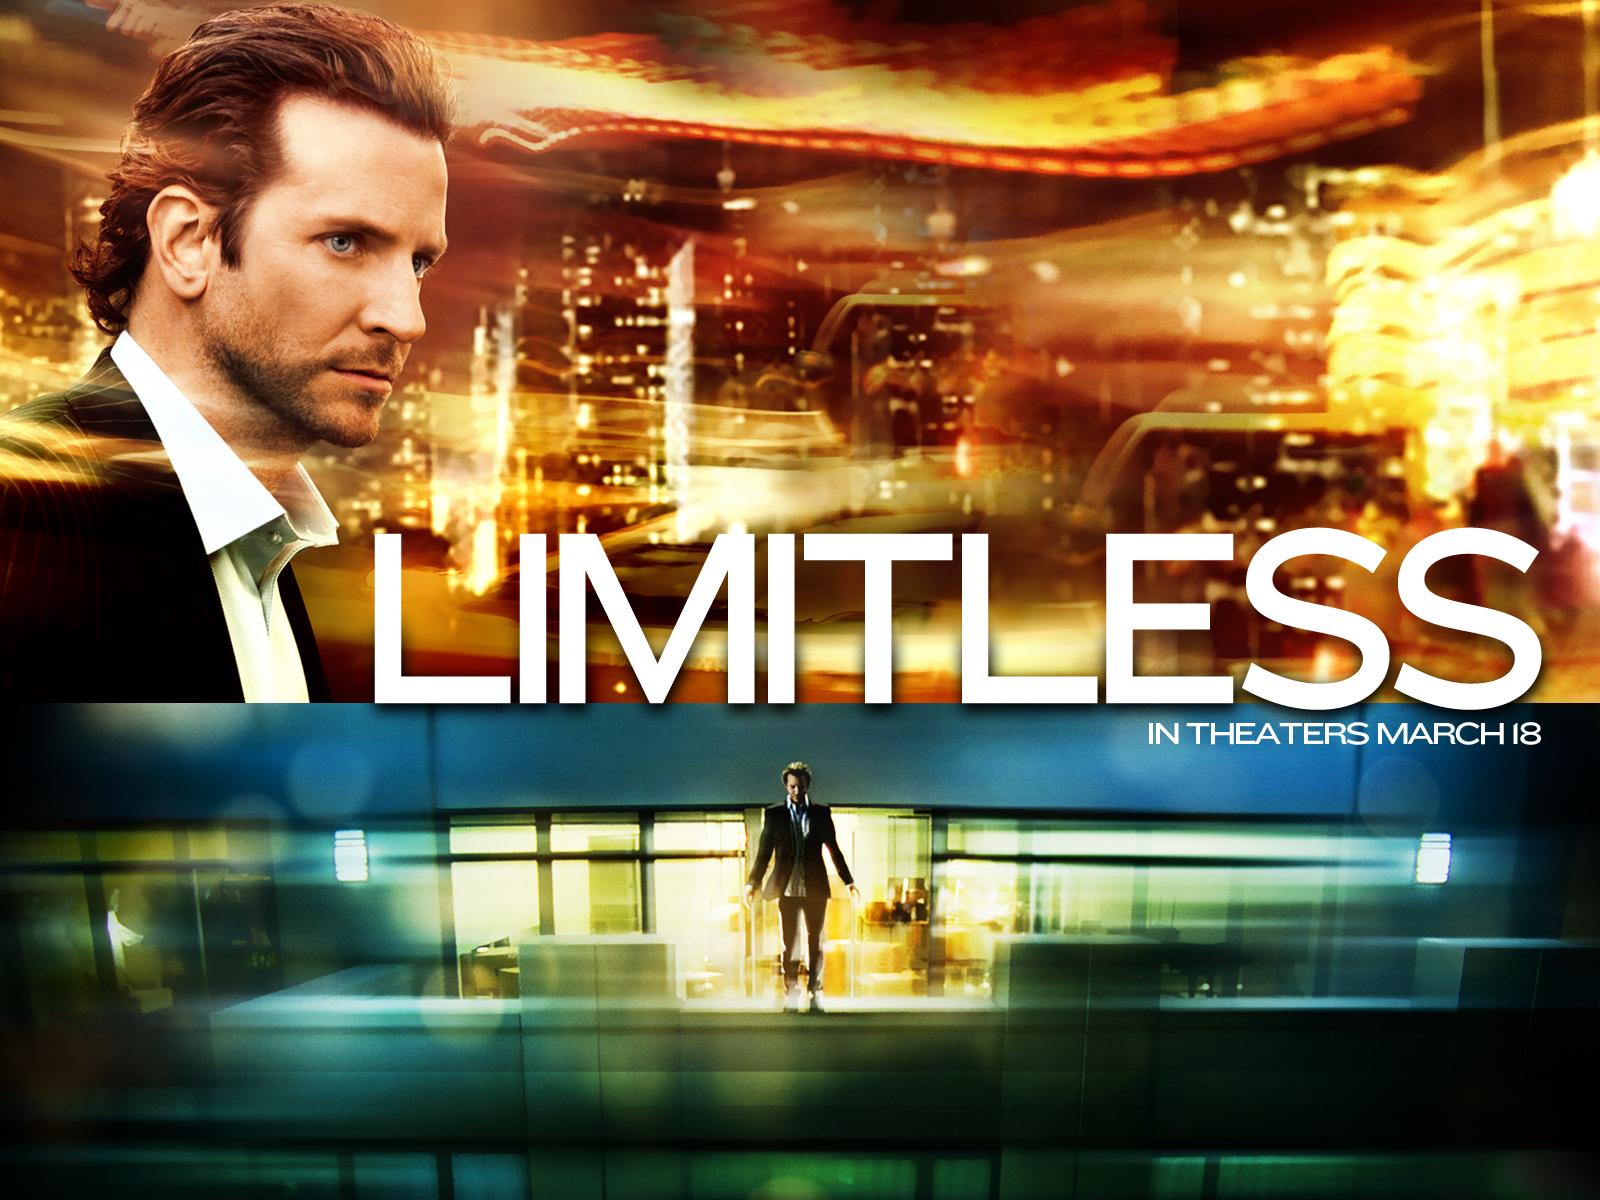 Bradley Cooper, mint lecsúszott író